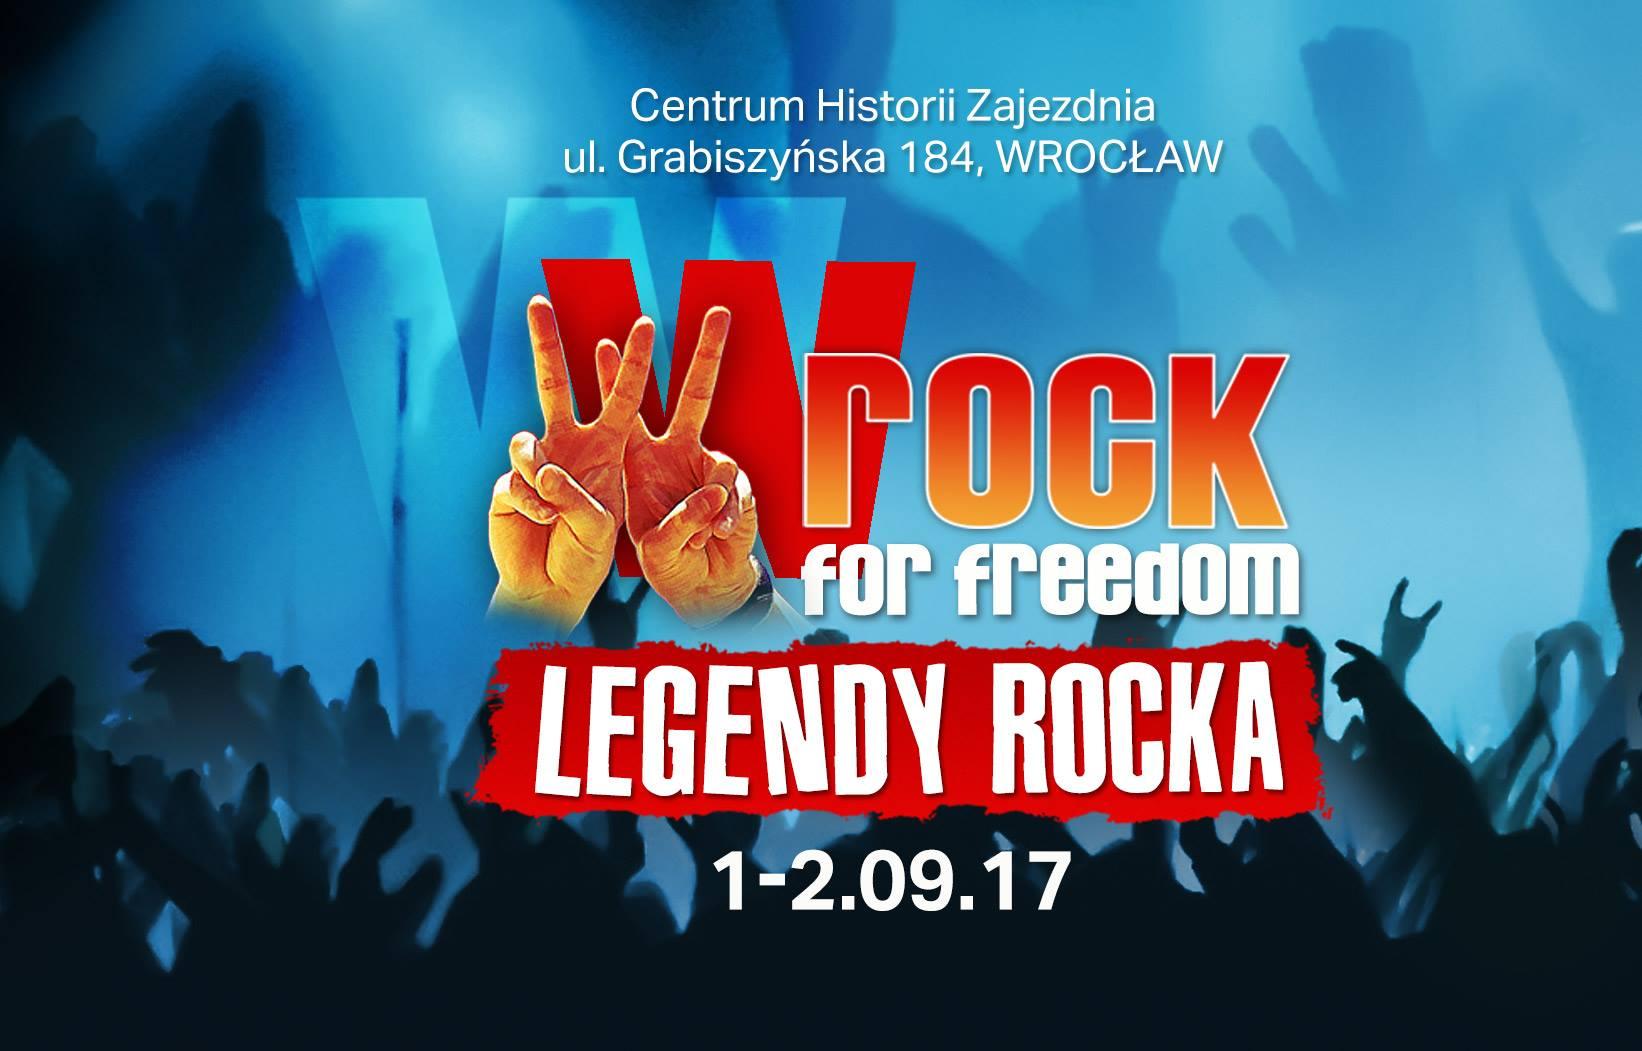 Festiwal wROCK for Freedom – Legendy Rocka we Wrocławiu (źródło: materiały prasowe)